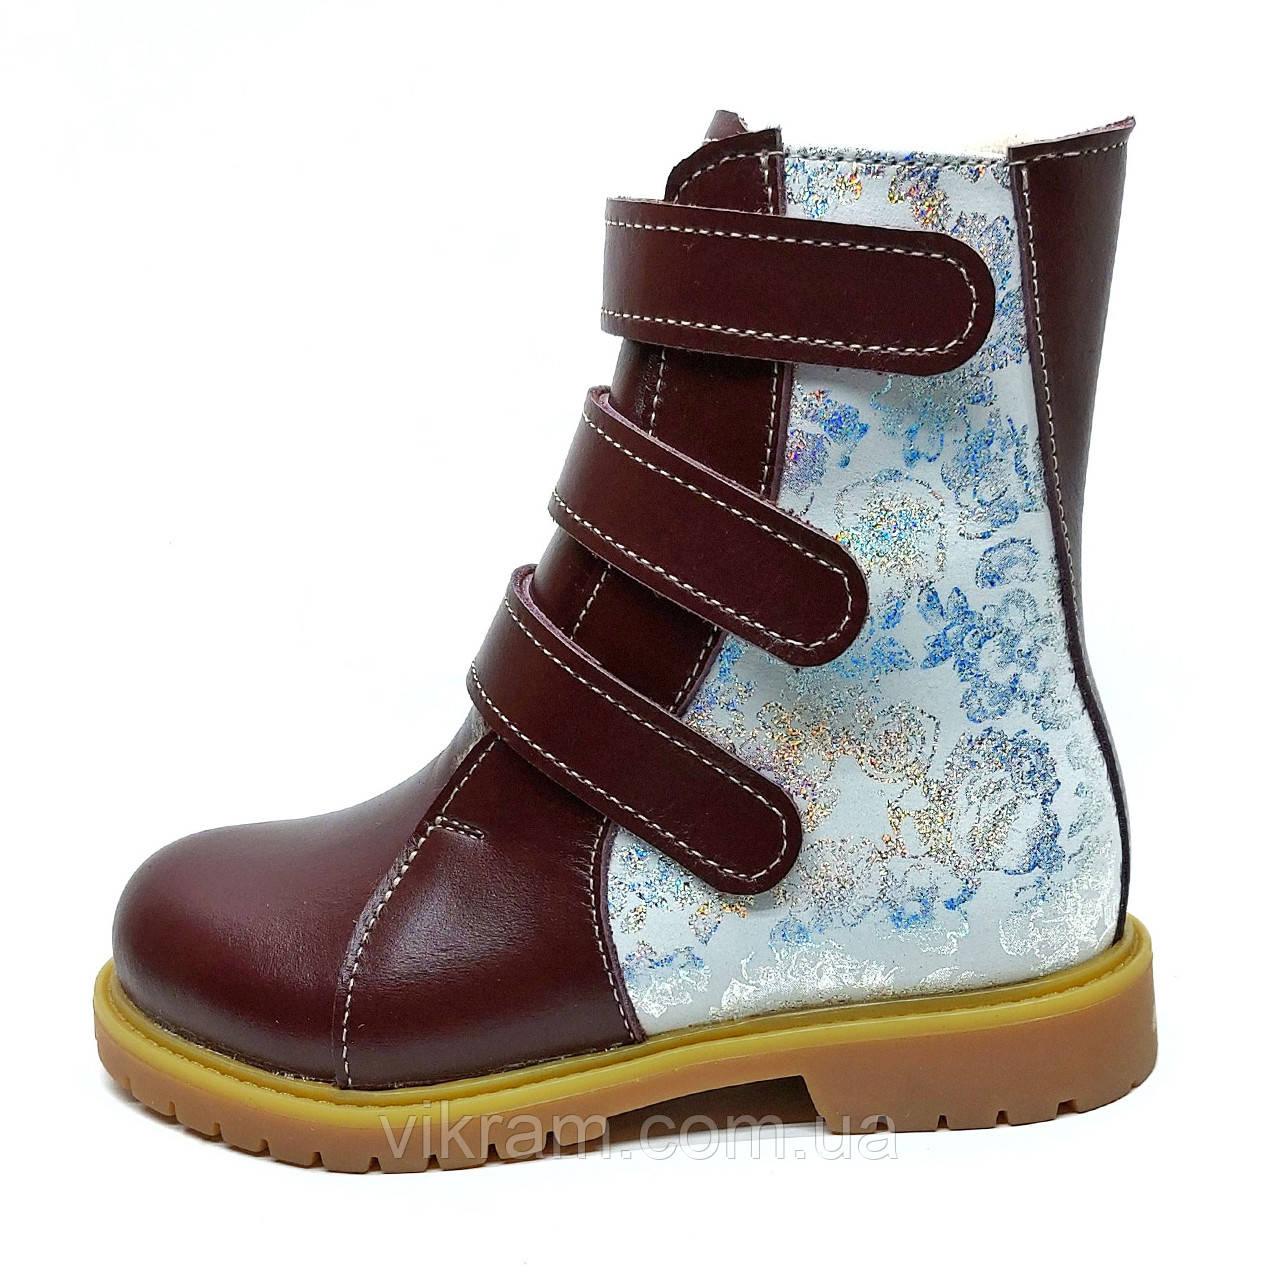 Кожаные зимние ортопедические ботинки для девочек САЛЛИ бордовые